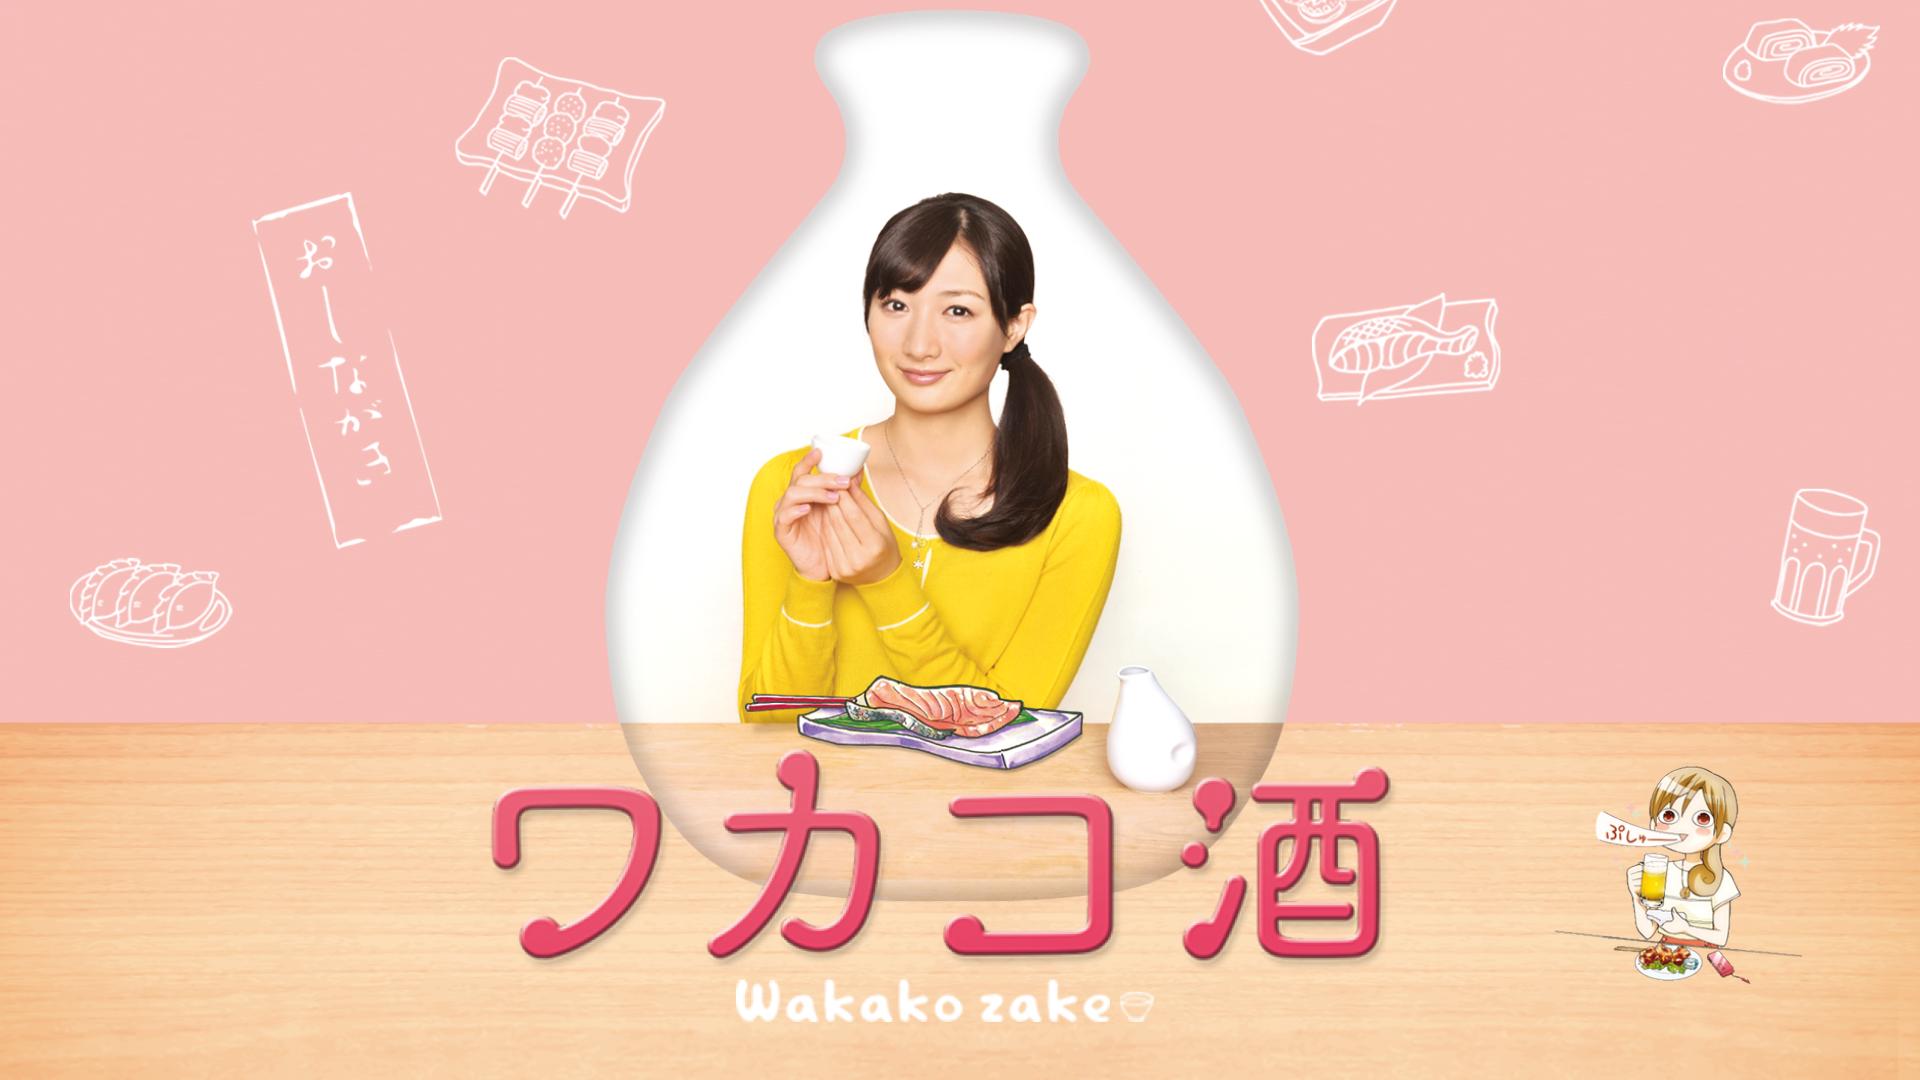 ワカコ酒 Season1 動画